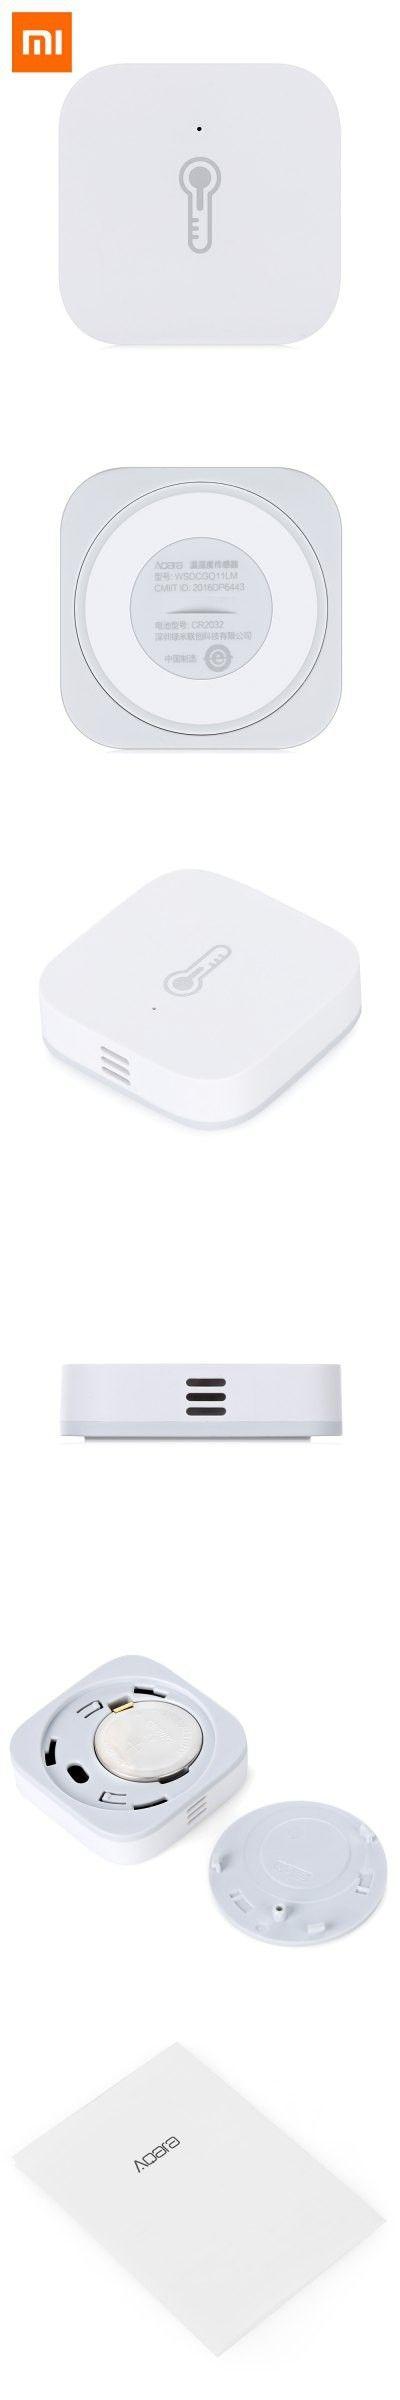 Xiaomi Aqara Temperature Humidity Sensor-9.99